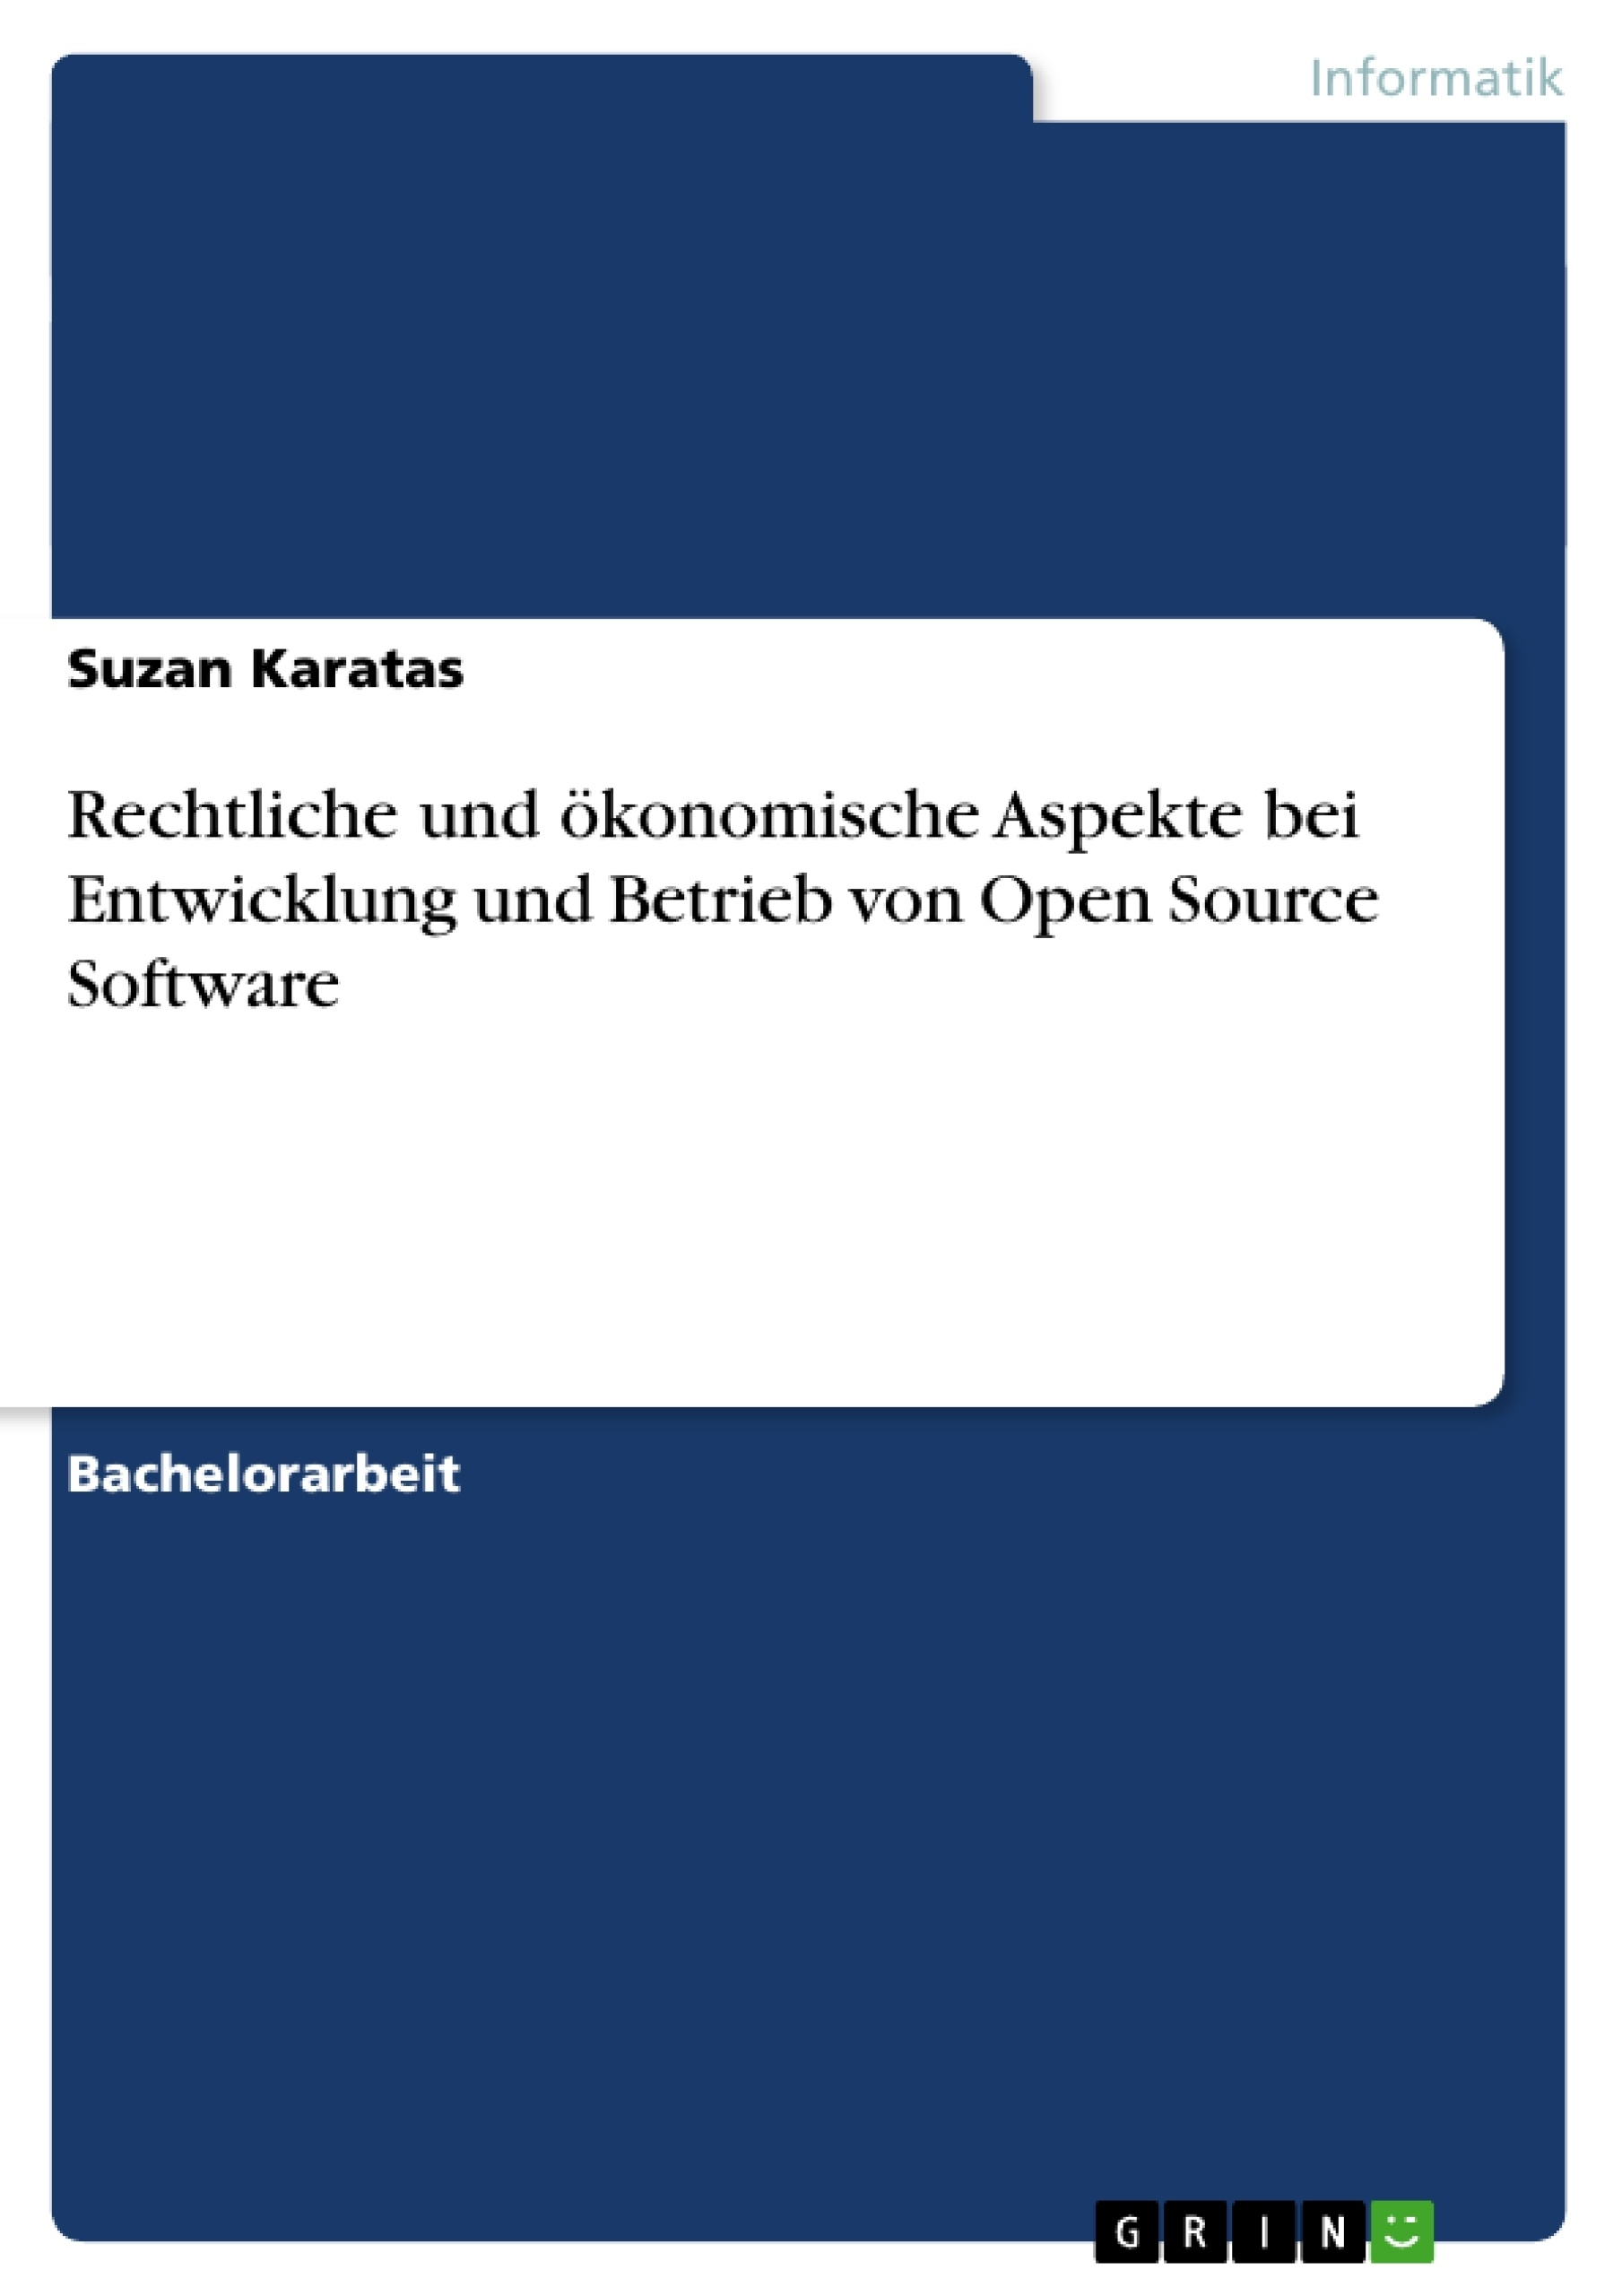 Titel: Rechtliche und ökonomische Aspekte bei Entwicklung und Betrieb von Open Source Software